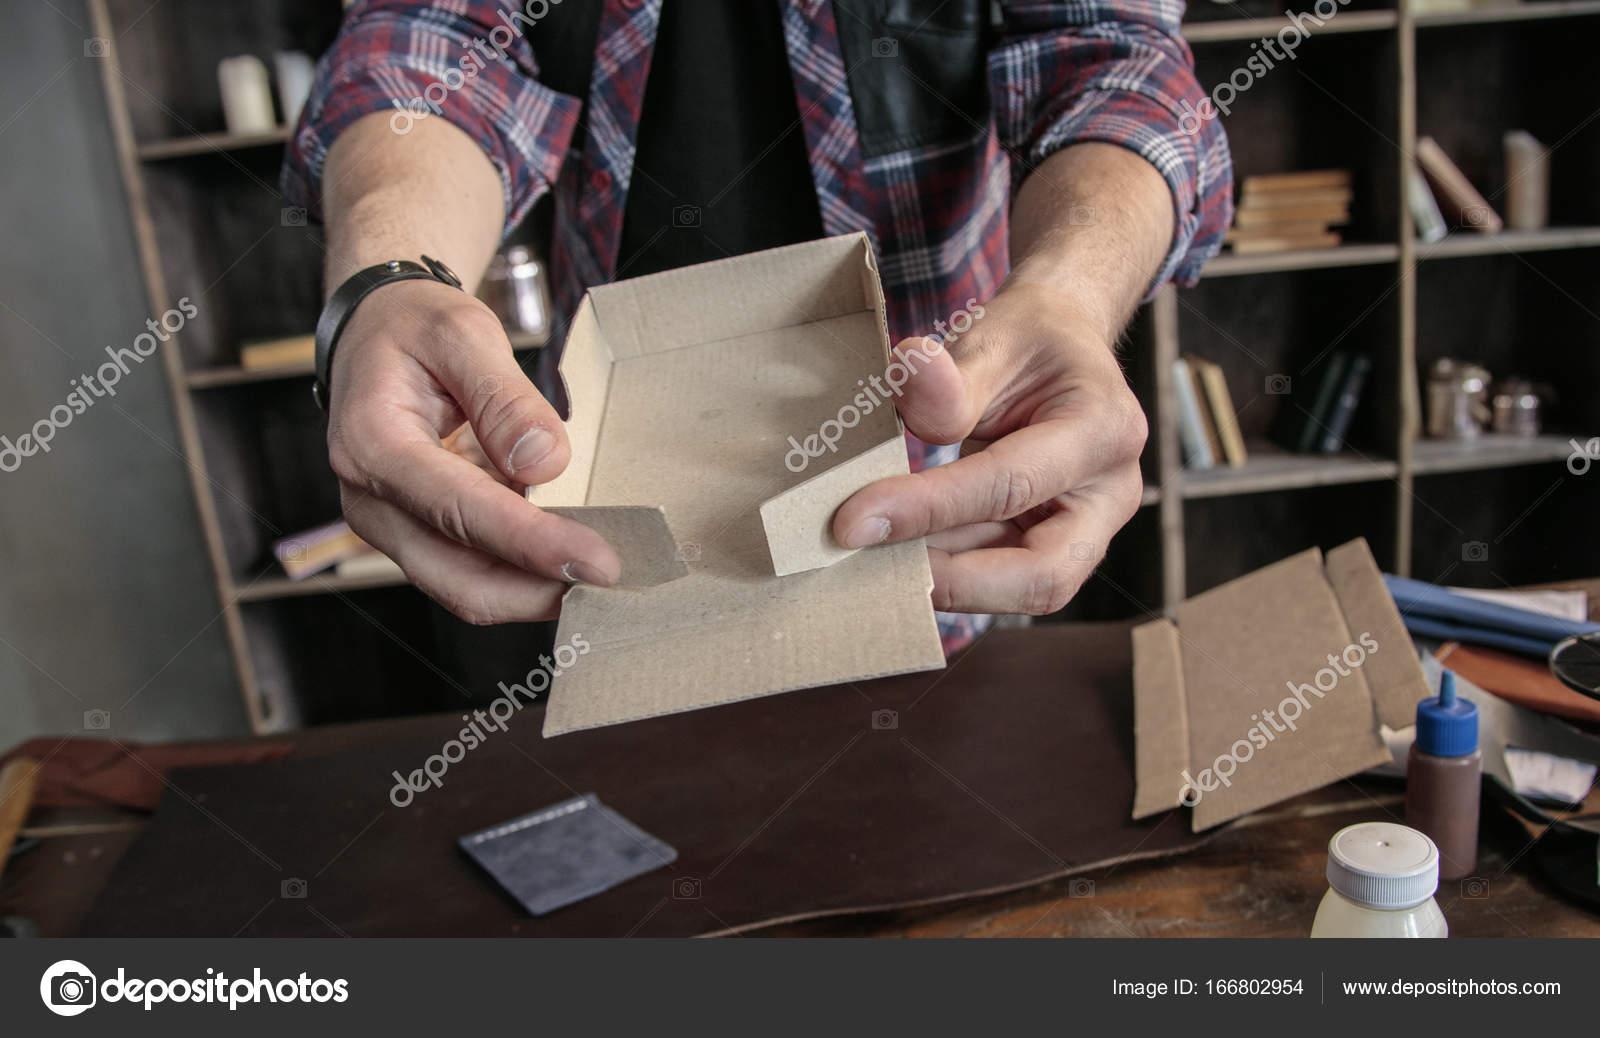 Junger Mann Leder Hersteller Manuell Zusammenzubauen Karton